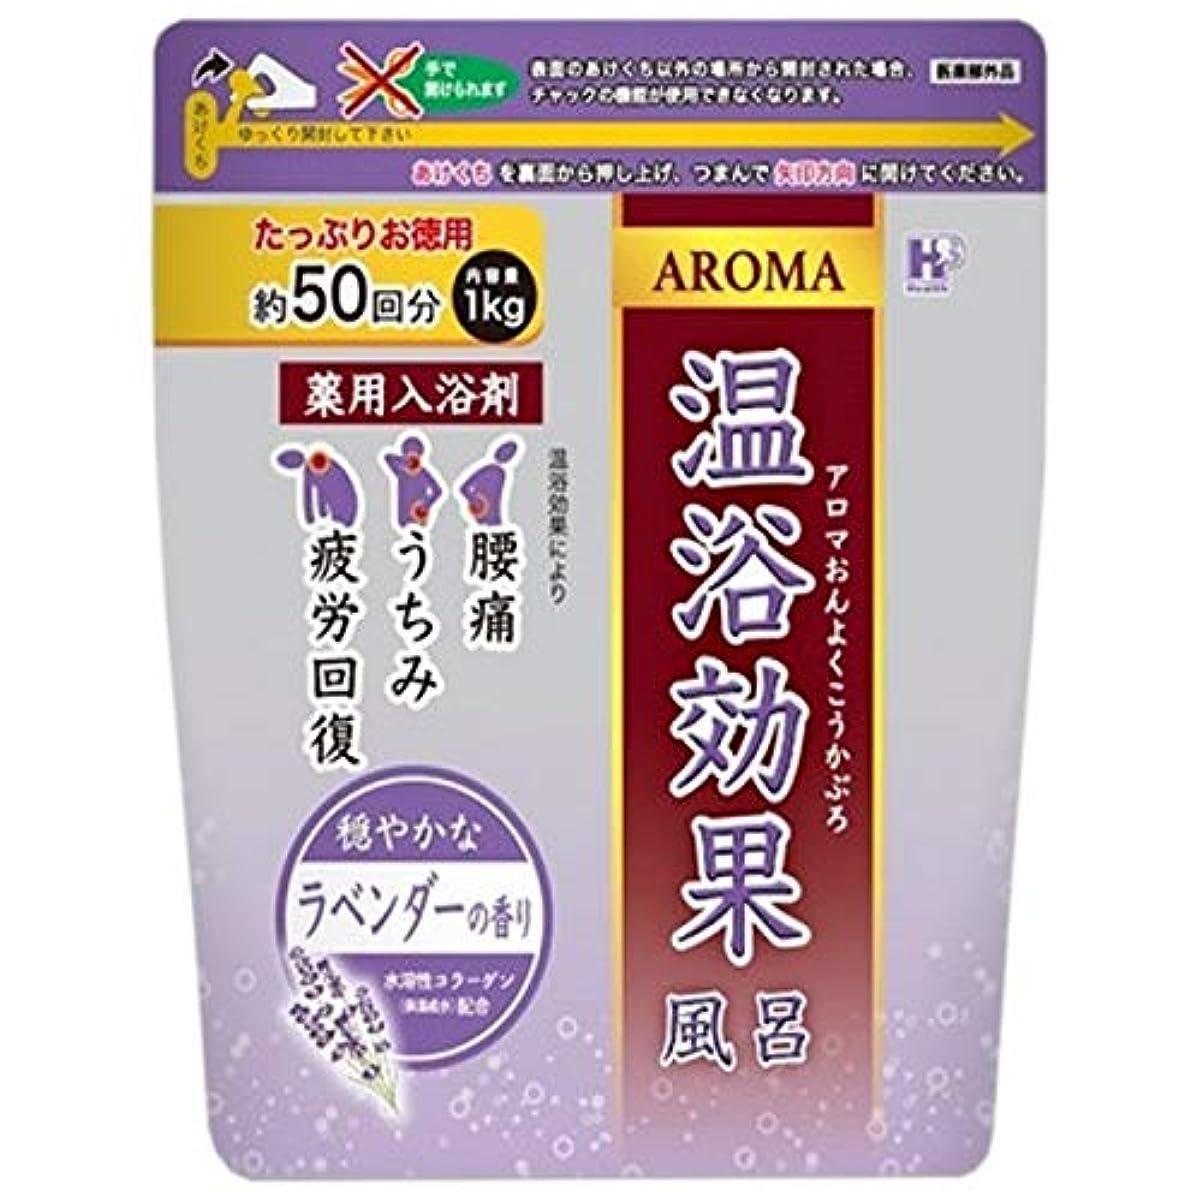 プランター乳転用薬用入浴剤 アロマ温浴効果風呂 ラベンダー 1kg×10袋入